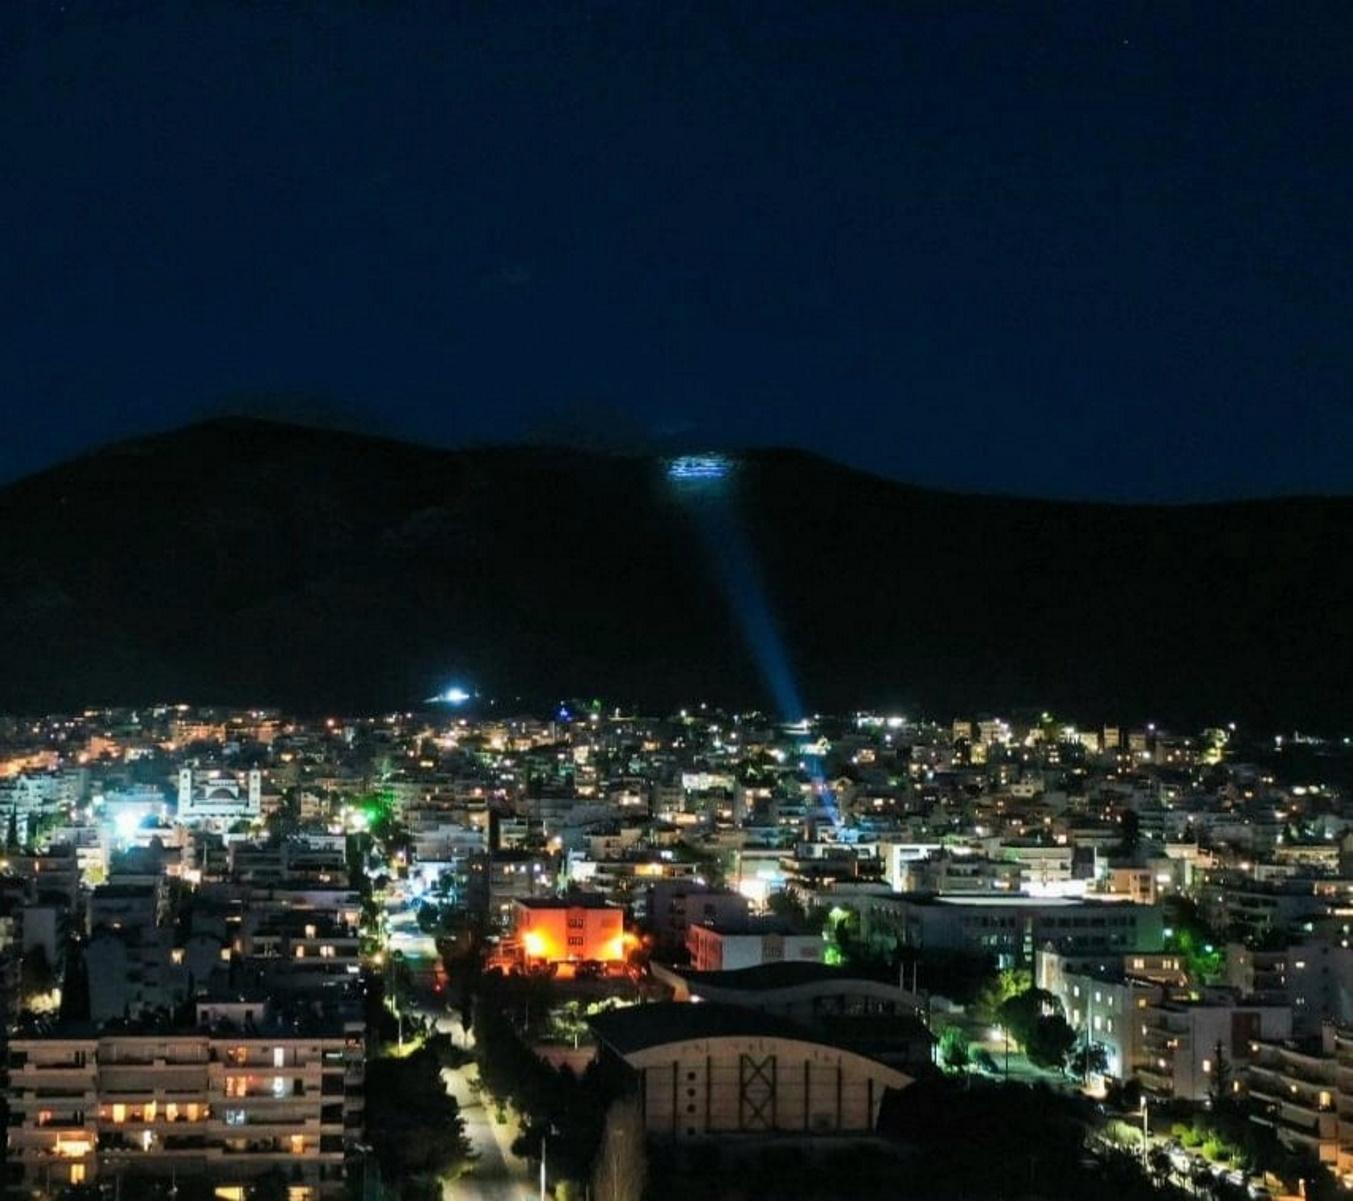 25η Μαρτίου: Γαλανόλευκη σημαία 4.000 τετραγωνικών στην κορυφή του Υμηττού[photos]